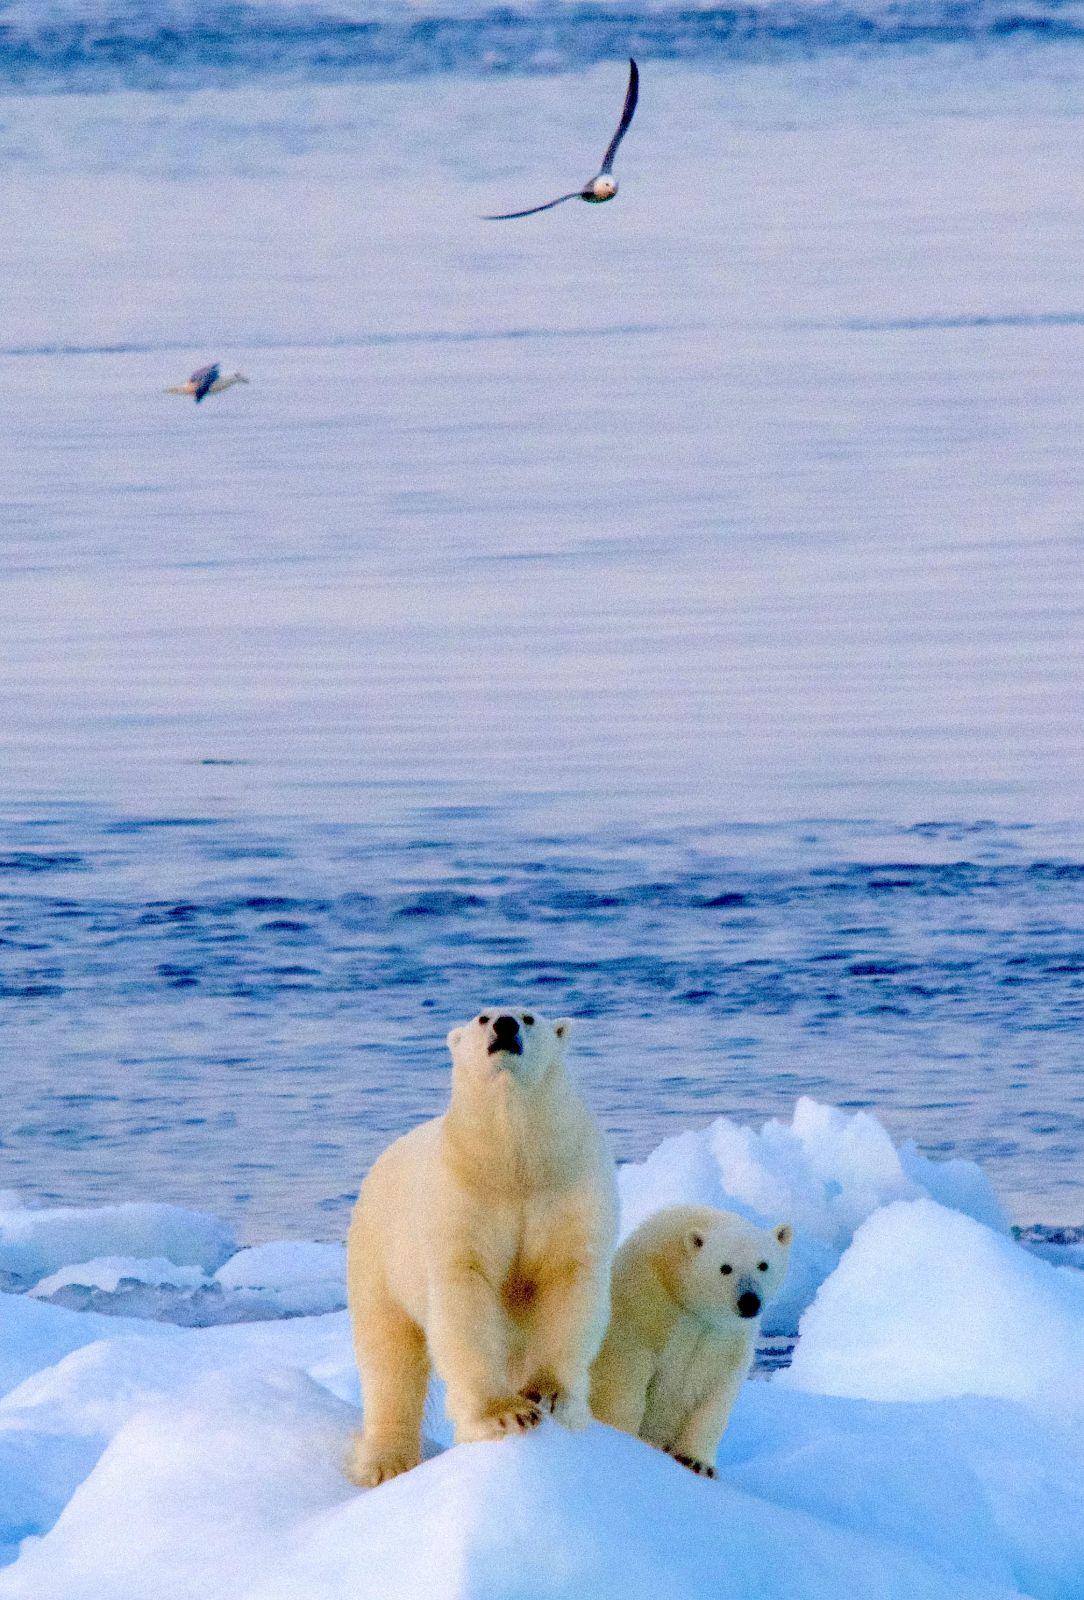 polar-bear-hudson-strait-birds-in-sky-adventure-canada